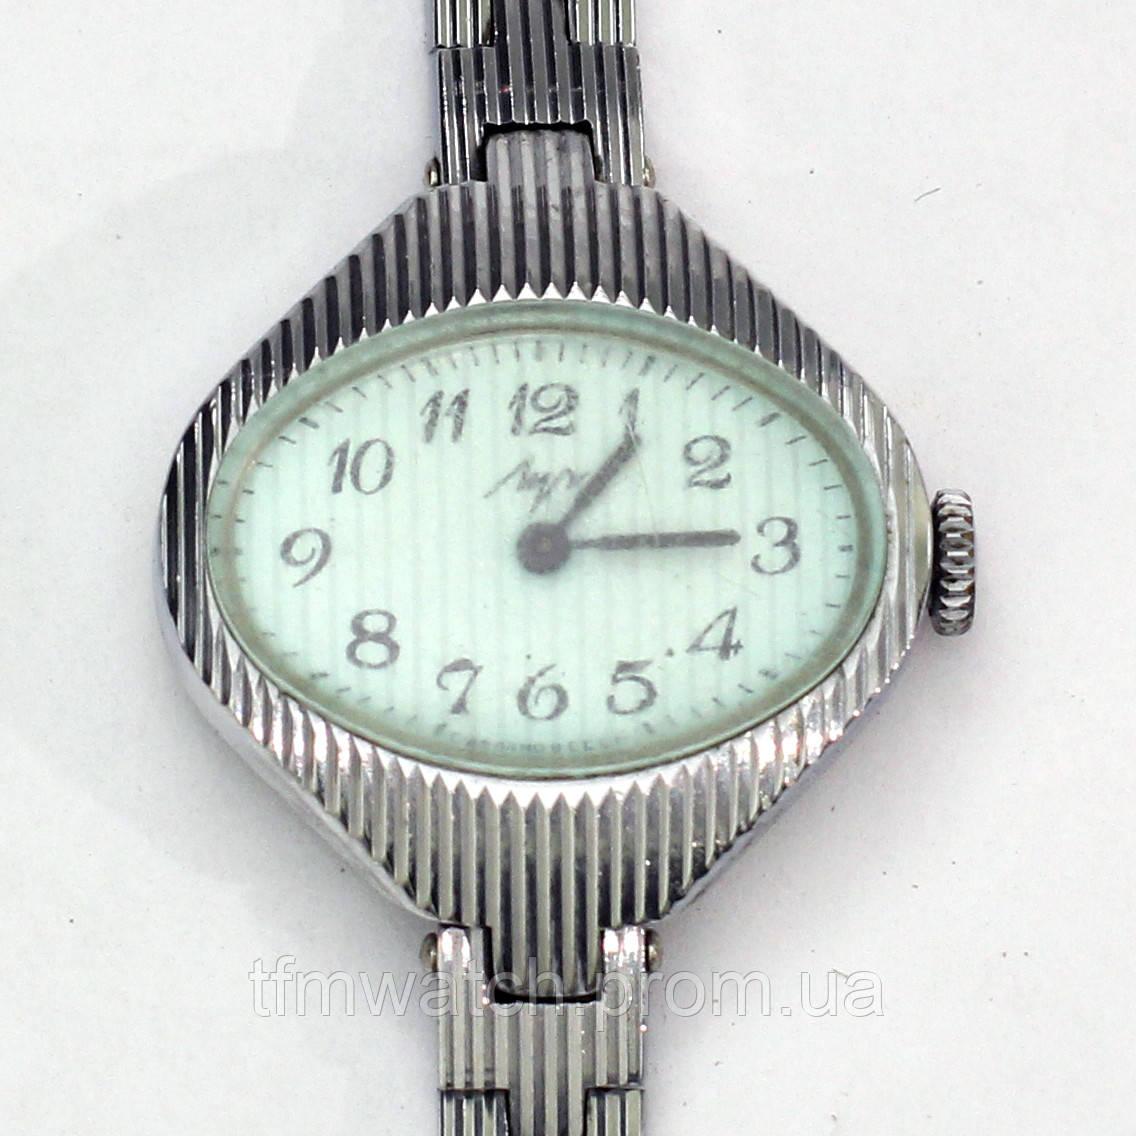 Советские механические часы Луч